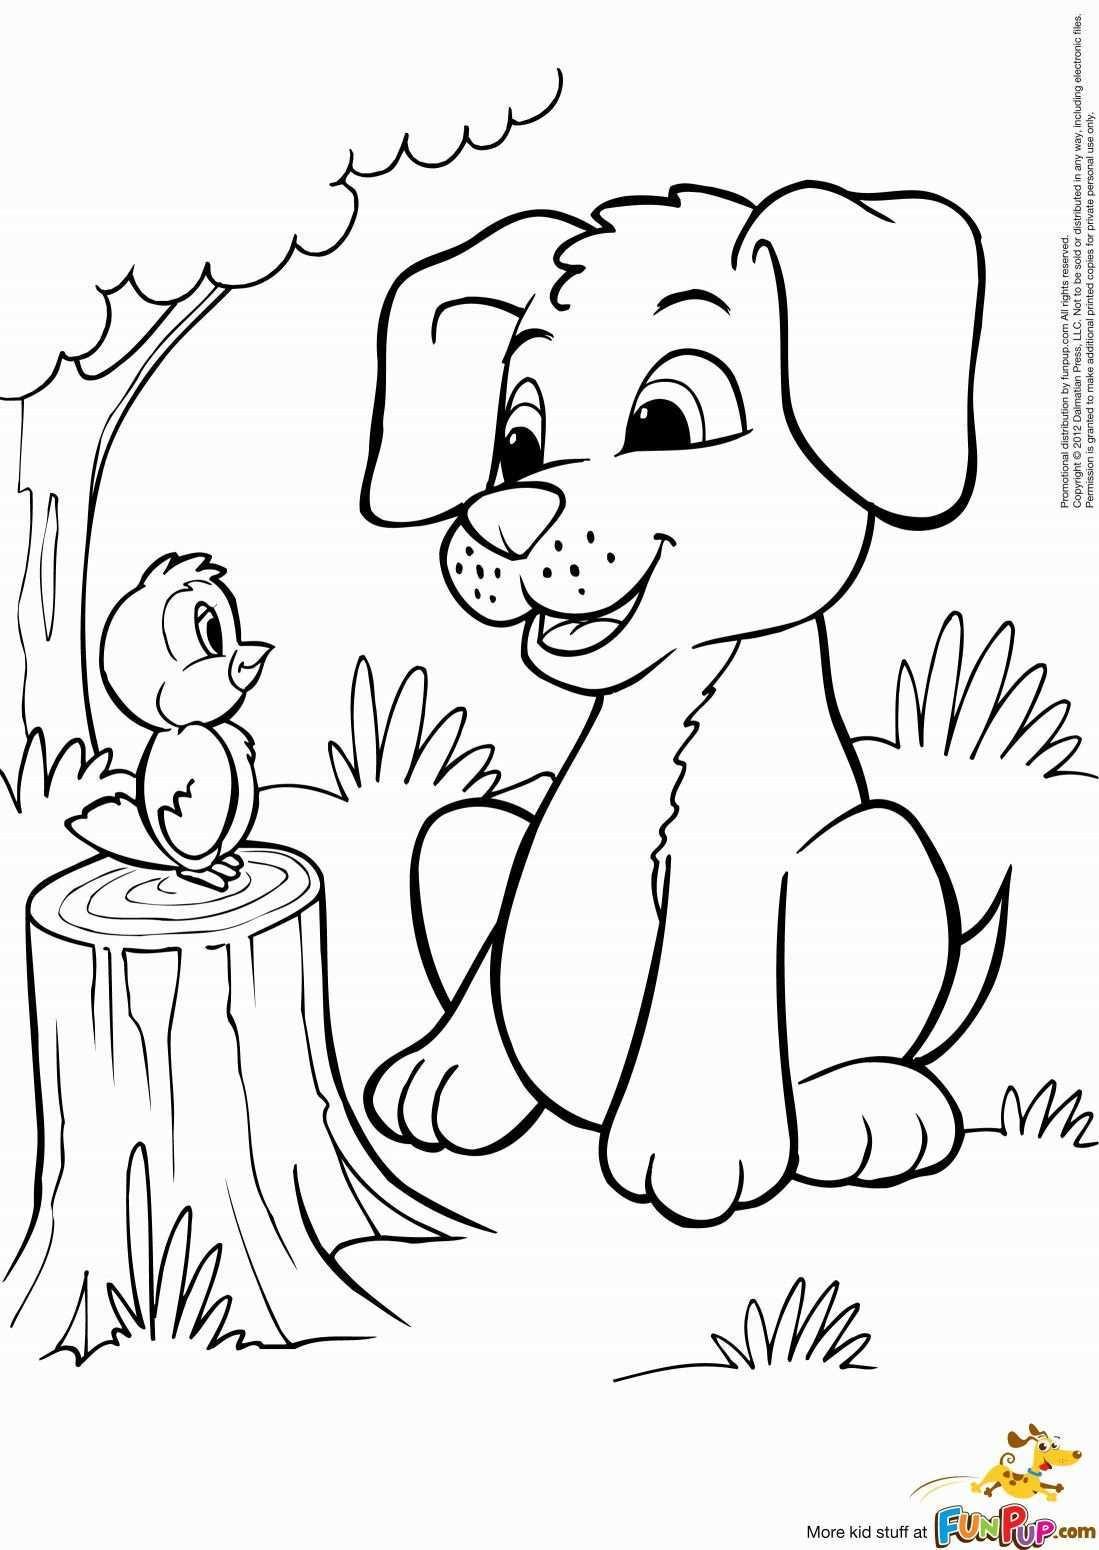 33 Fijnste Kleurplaat Puppy Hondje Decor Kleurplaten Bloem Schetsen Meiden Tekeningen